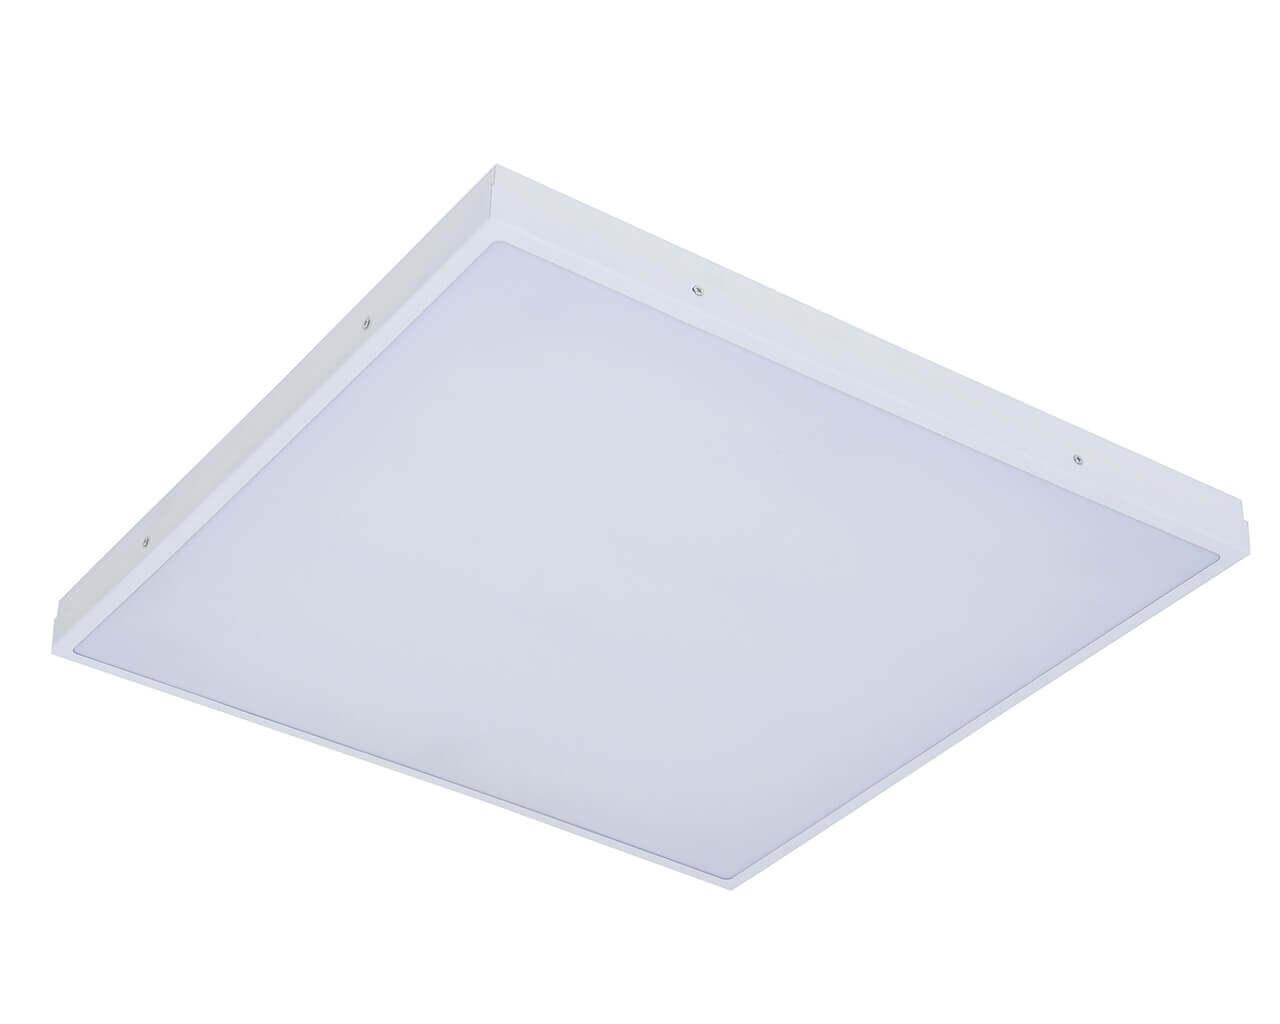 Встраиваемый светильник LC-SIP-40-OP 595*595 Теплый белый Опал